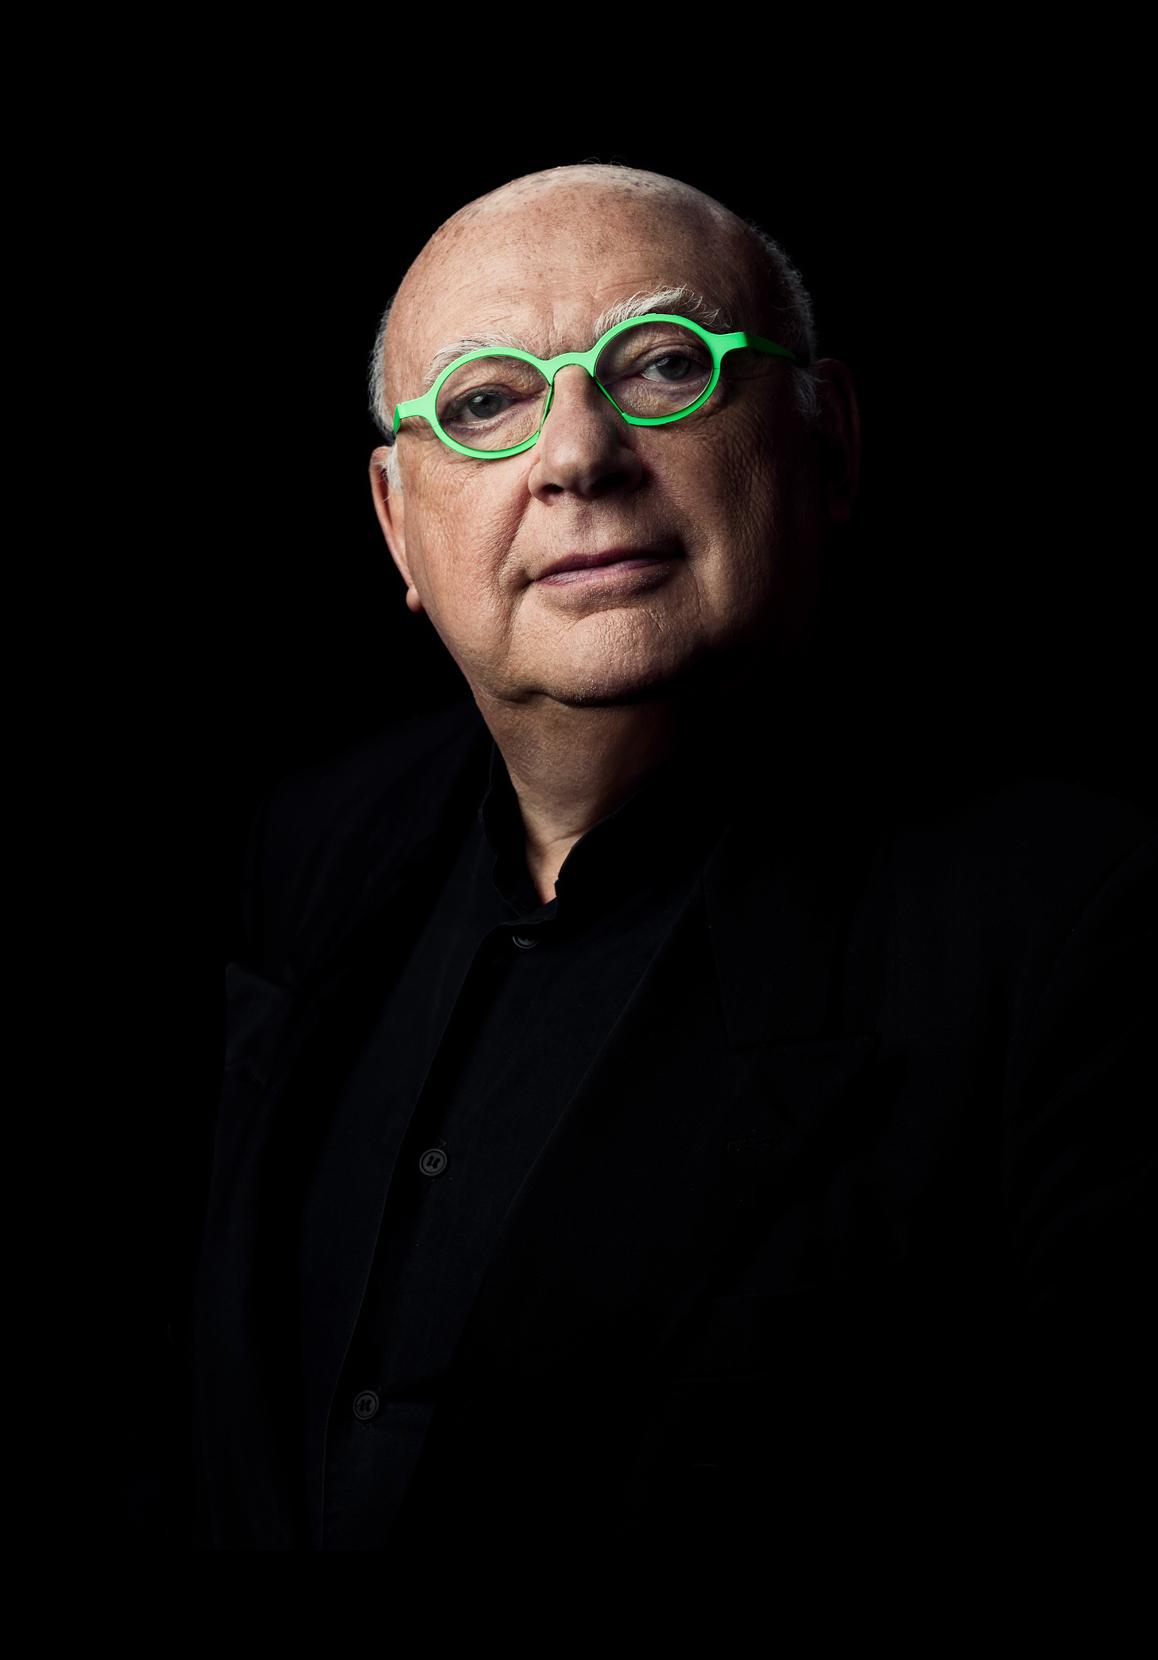 Paul Ambach